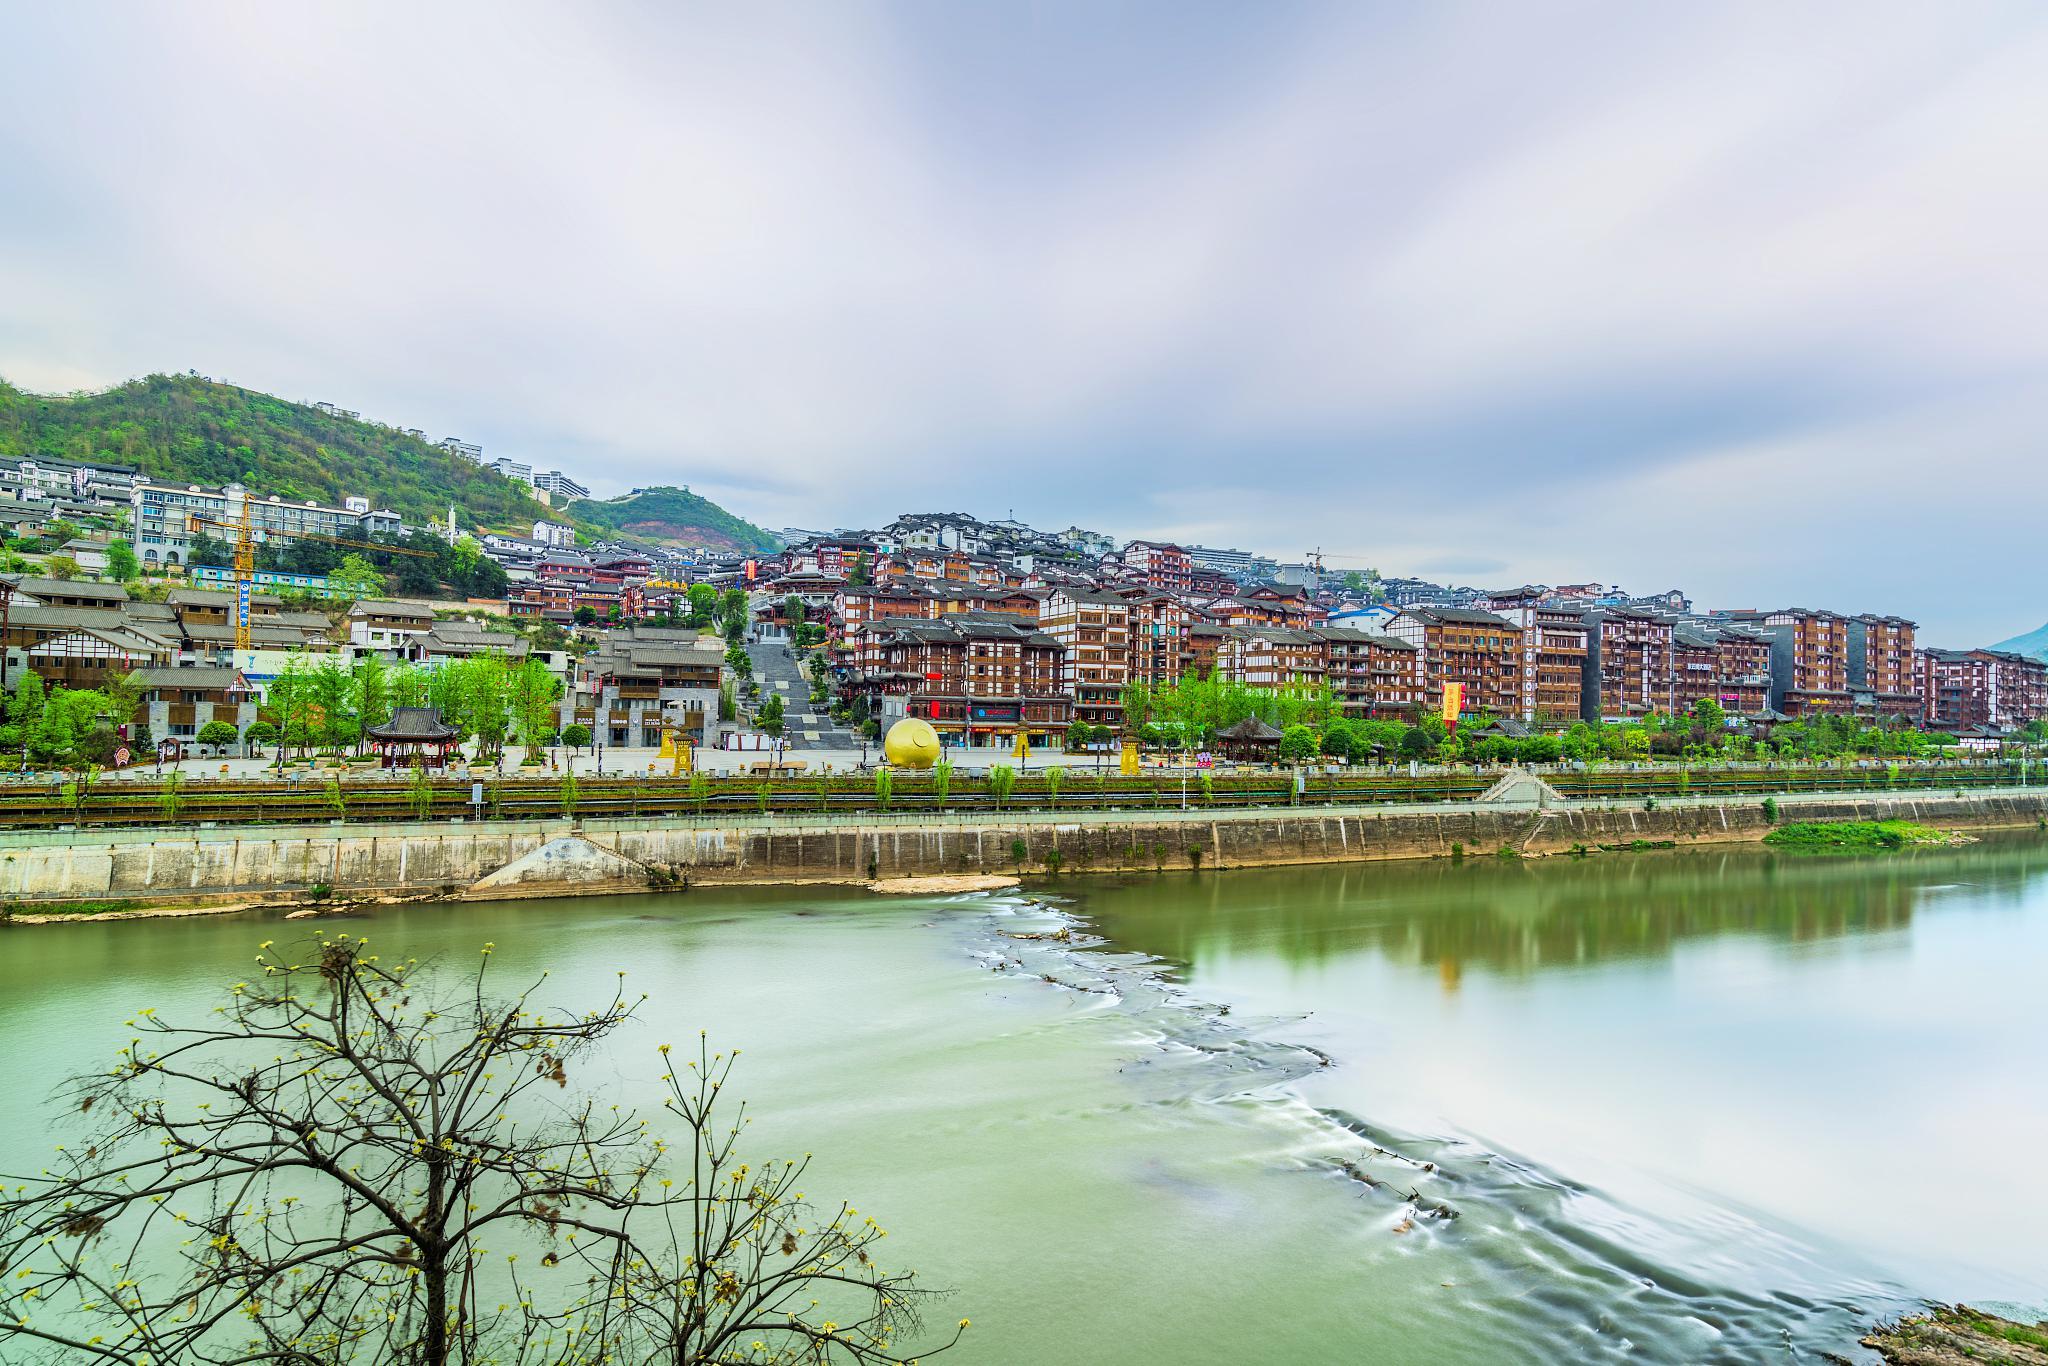 Renhuai Maotai Town